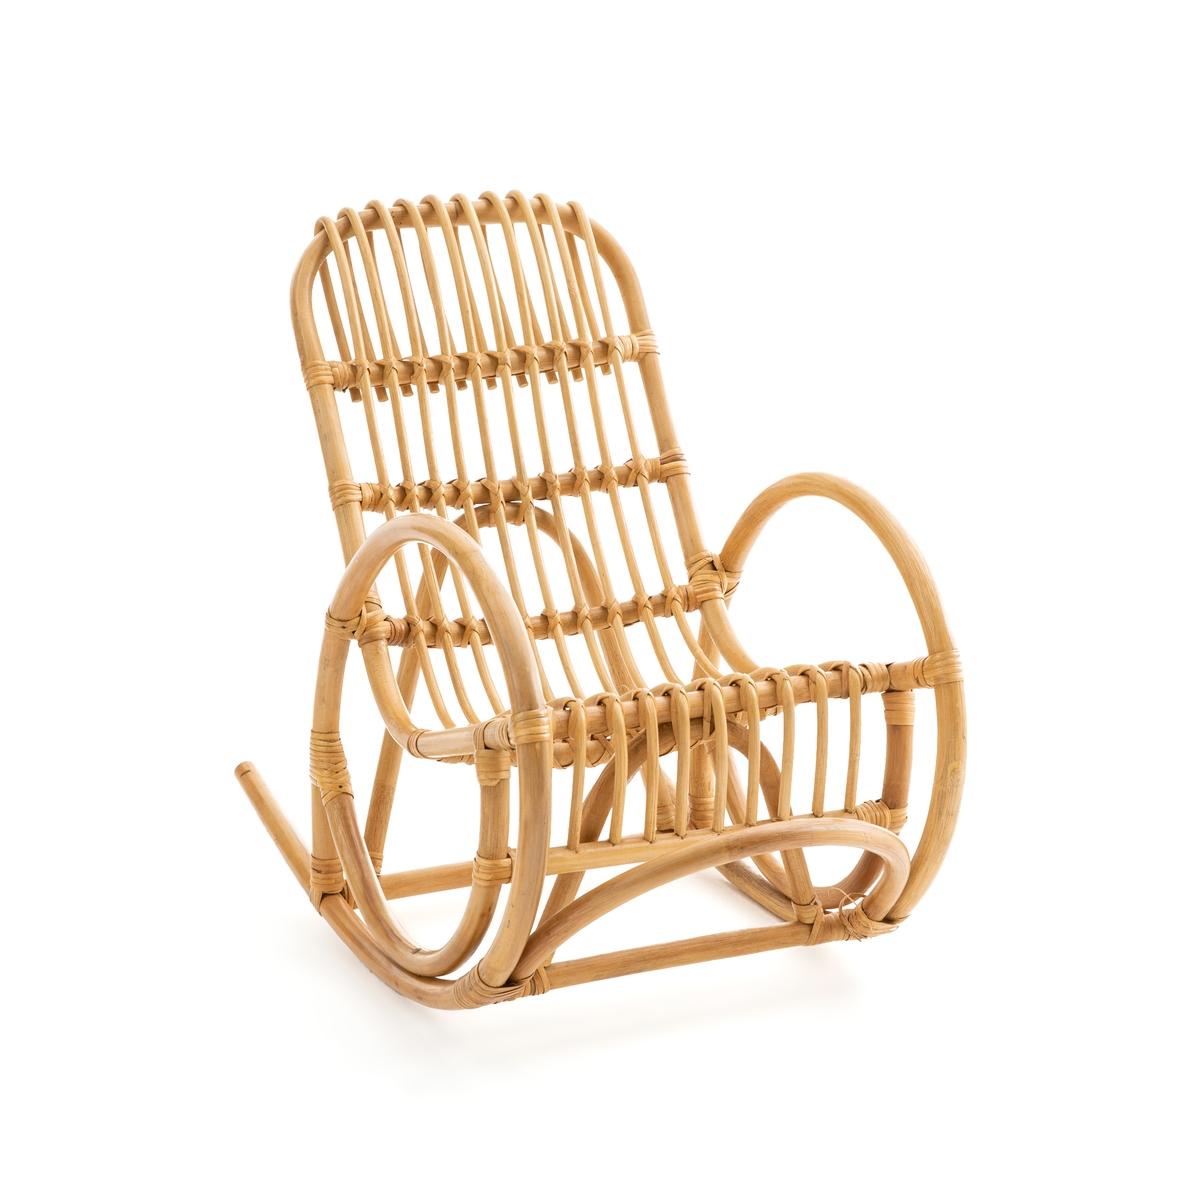 Кресло-качалка LaRedoute Детское из ротанга Malu единый размер бежевый